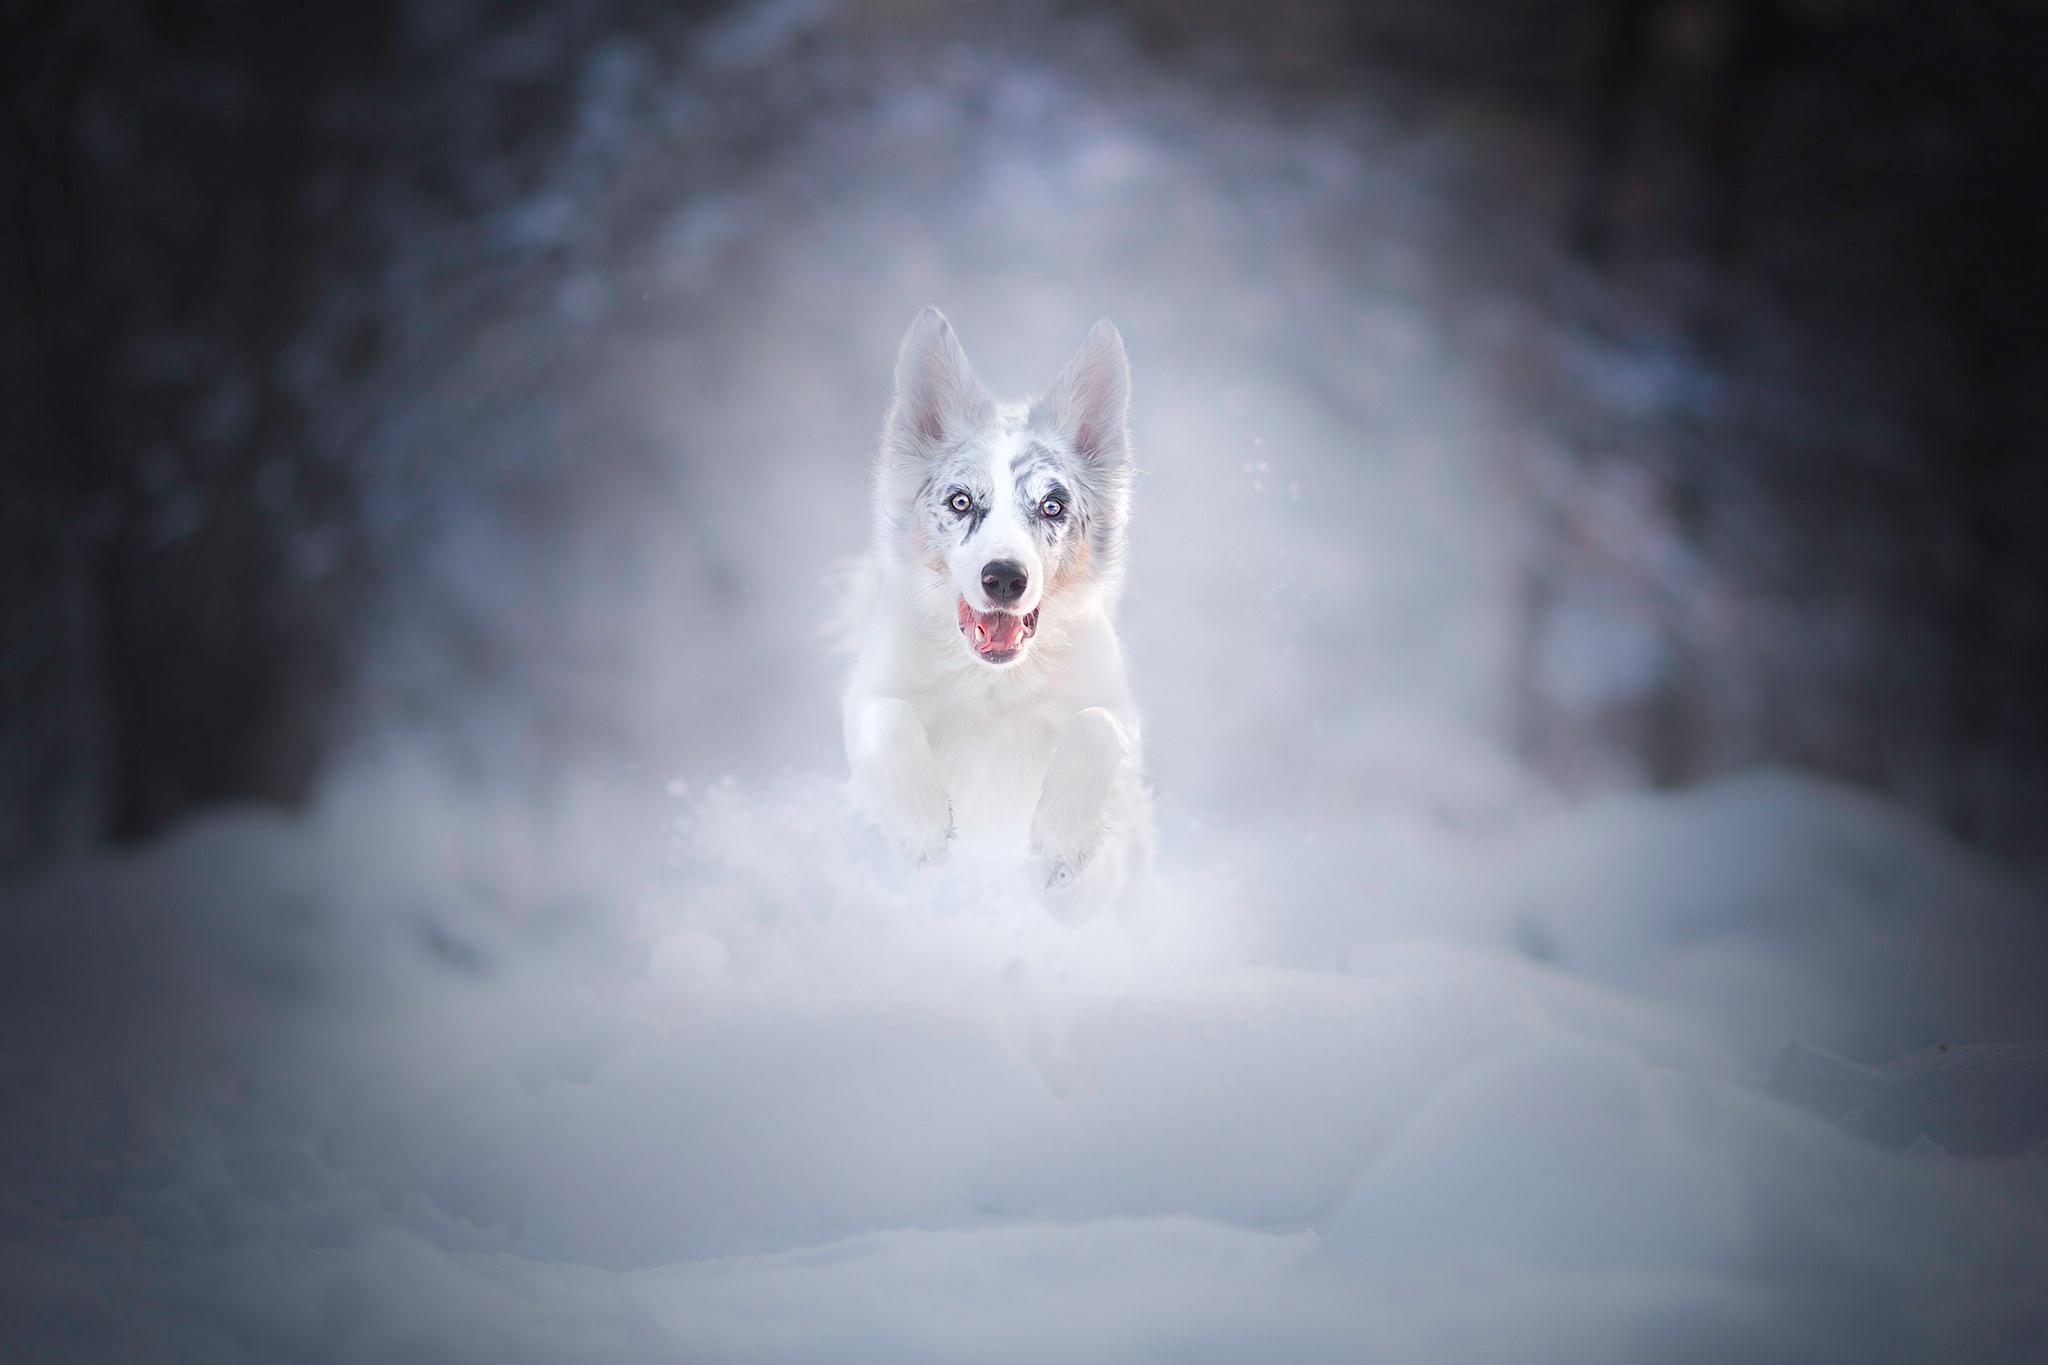 Bilder Australian Shepherd hund Lauf Schnee Sprung Tiere Hunde Laufen Laufsport ein Tier